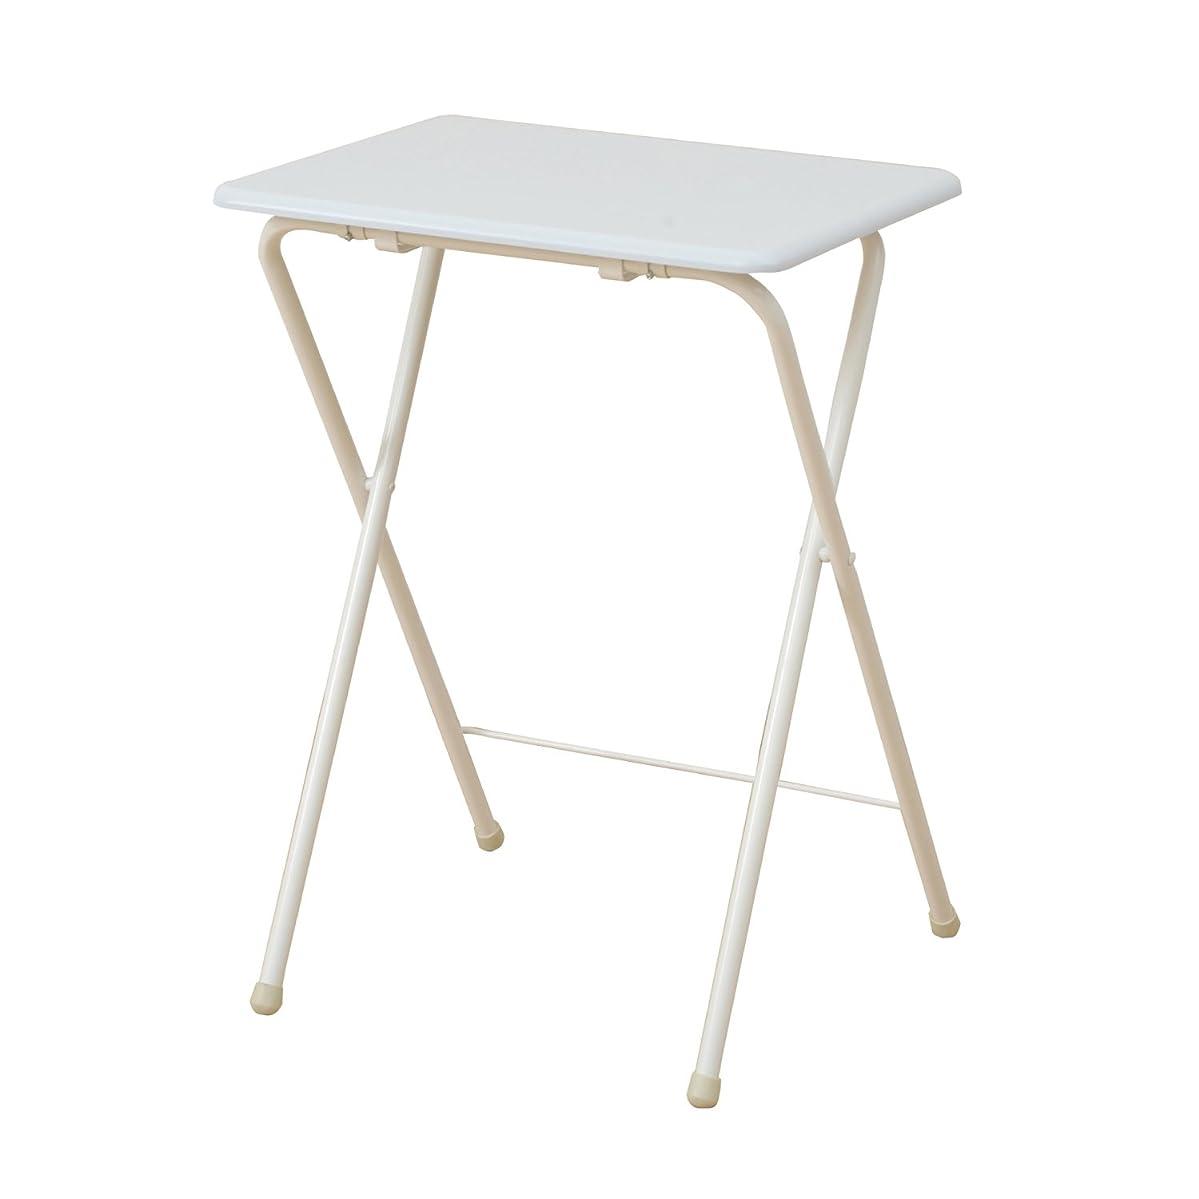 キャッシュ別に縫う山善(YAMAZEN) テーブル ミニ 折りたたみ式 サイドテーブル 幅50×奥行48×高さ70cm ハイタイプ ホワイト YST-5040H(WH/WH)